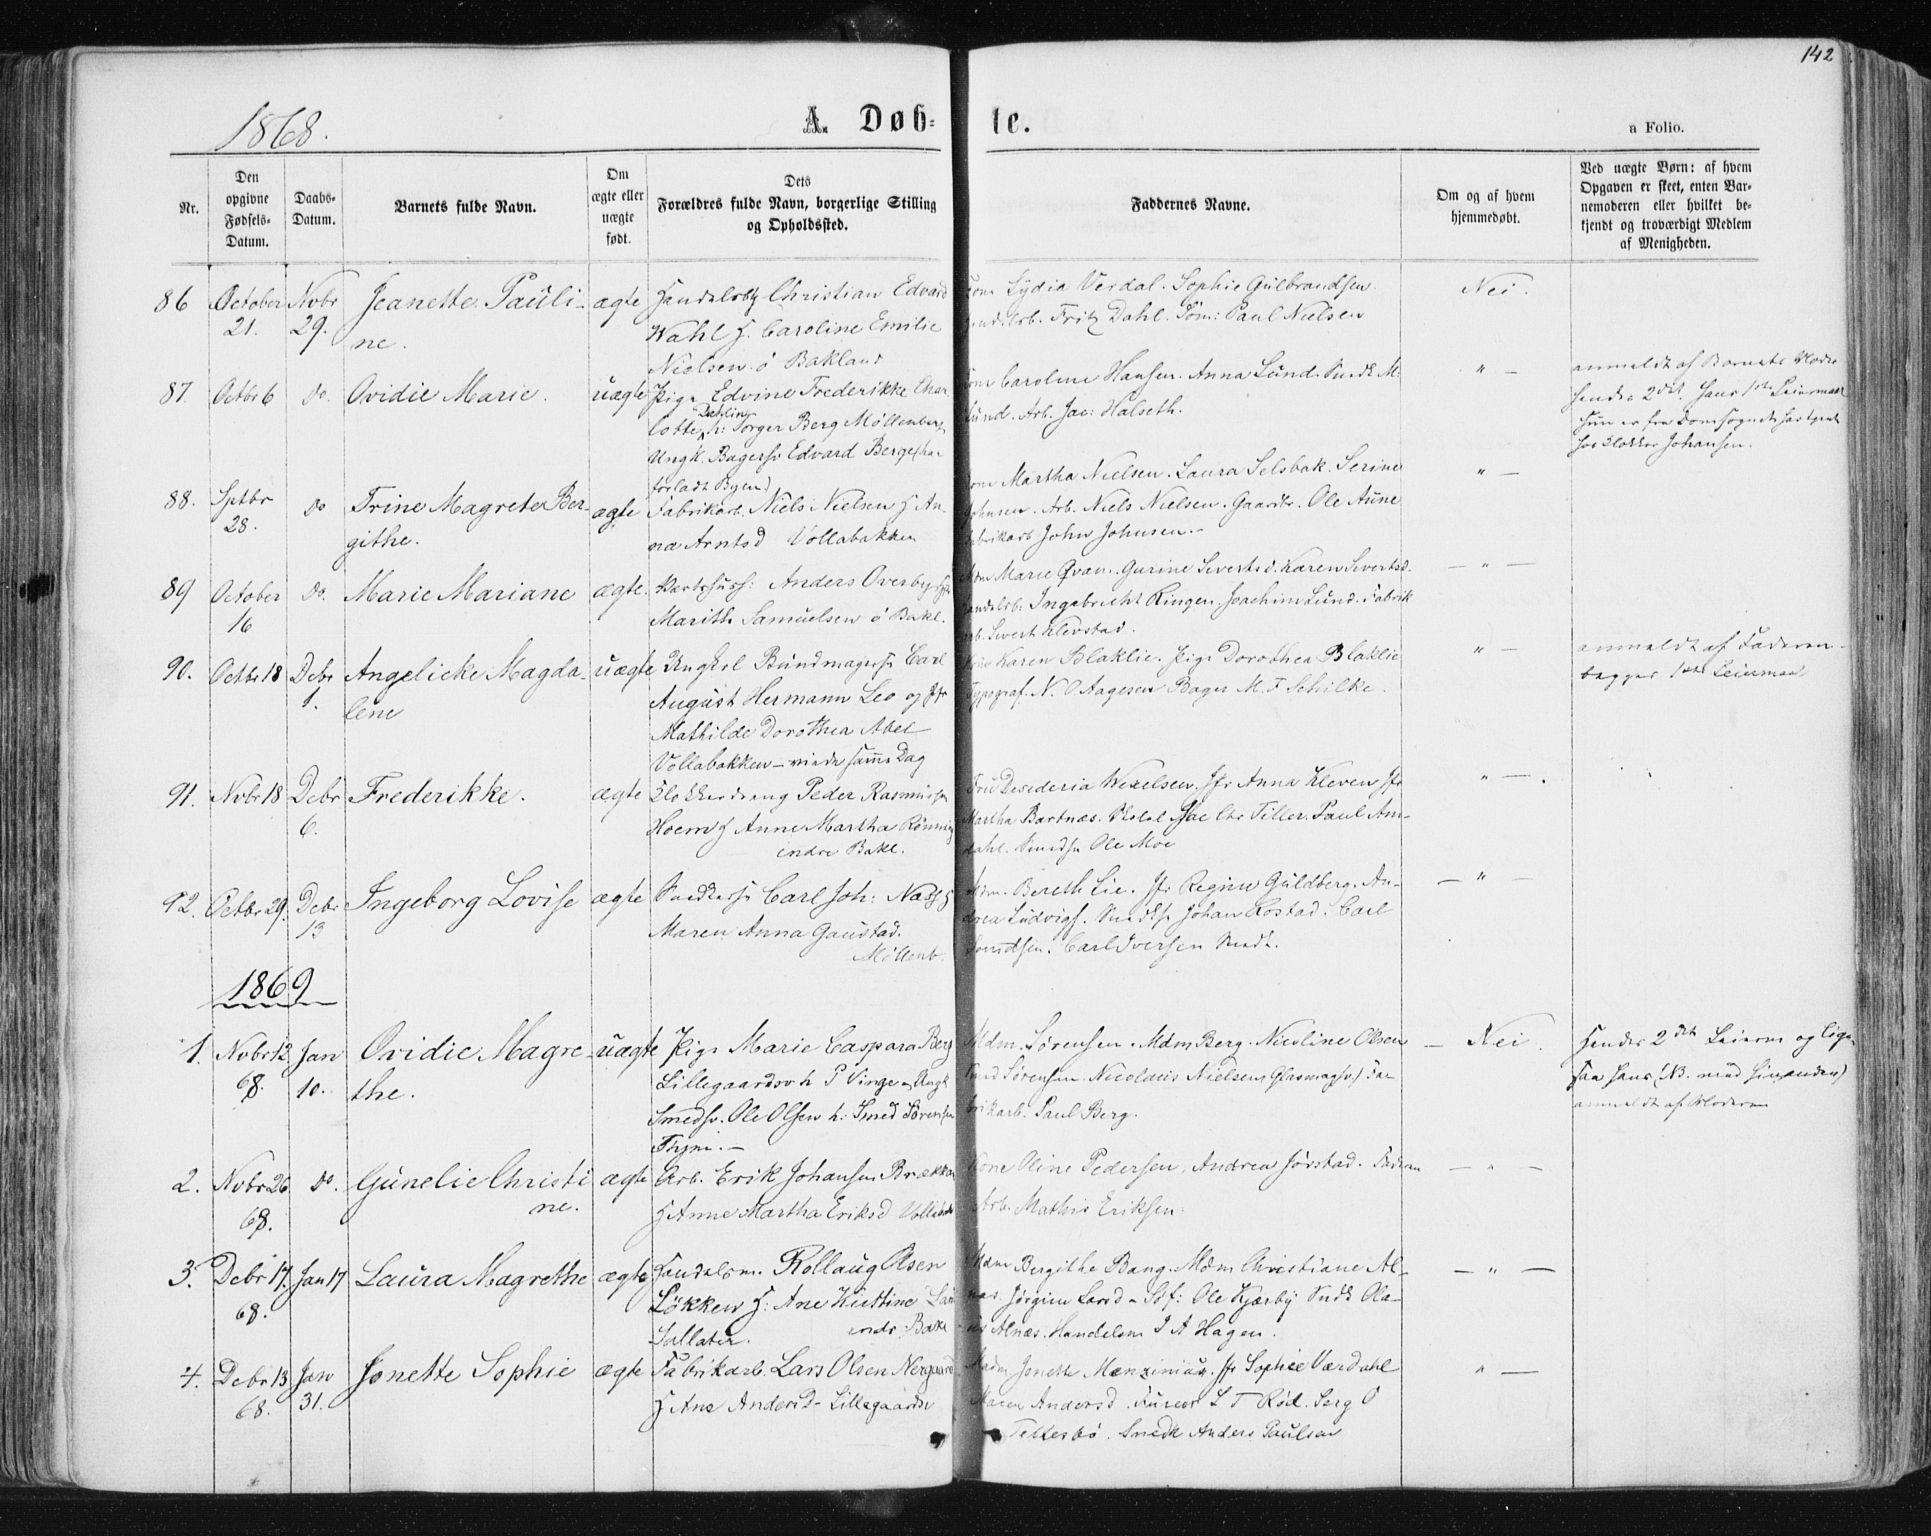 SAT, Ministerialprotokoller, klokkerbøker og fødselsregistre - Sør-Trøndelag, 604/L0186: Ministerialbok nr. 604A07, 1866-1877, s. 142